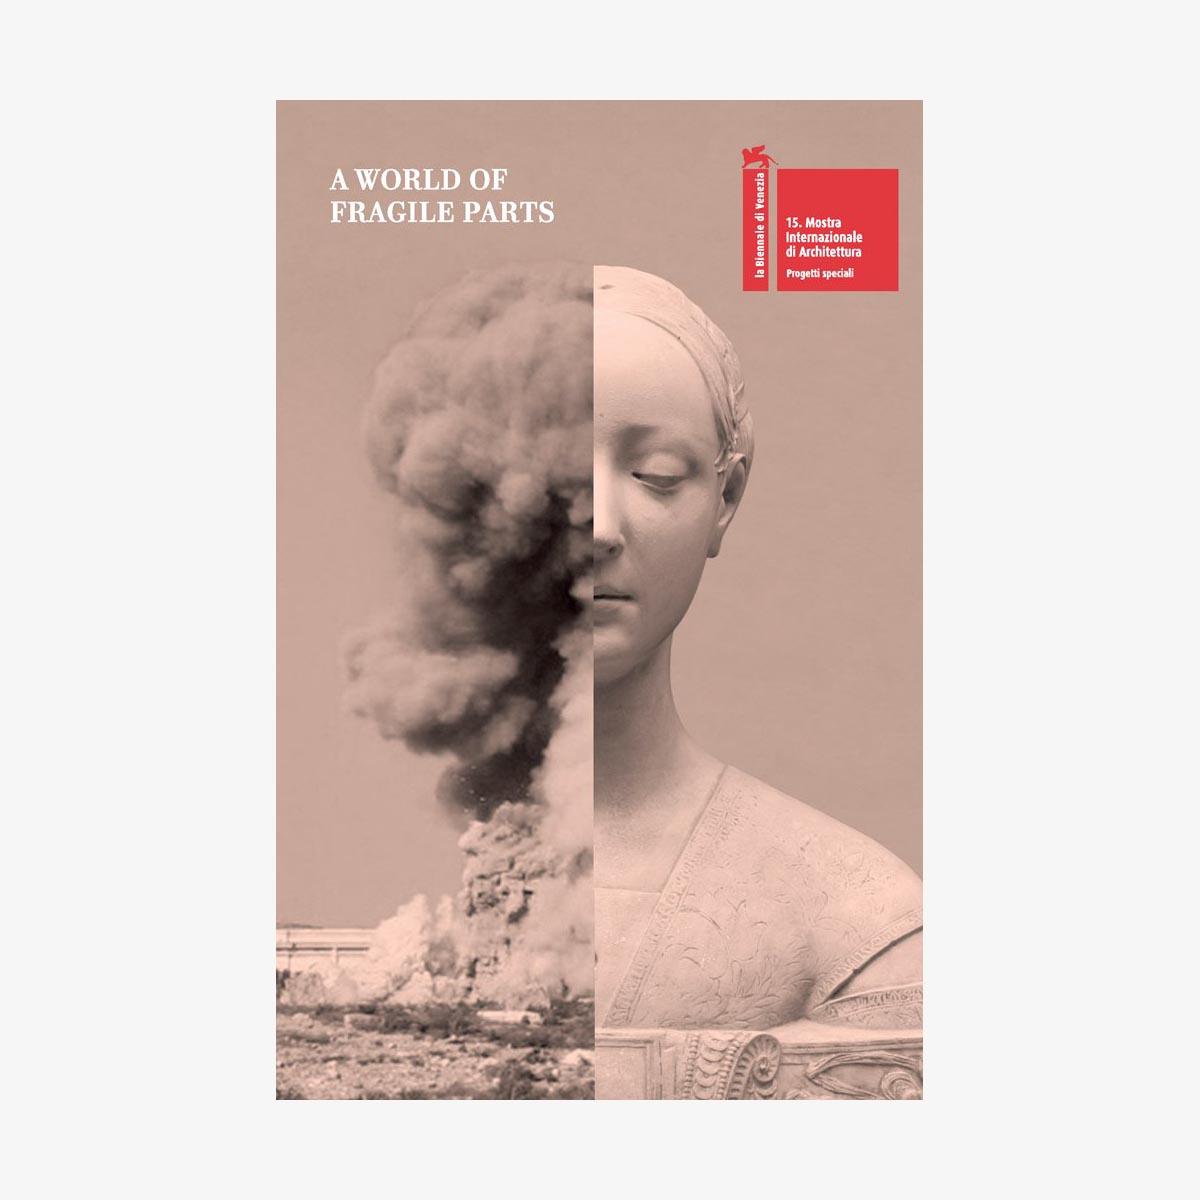 Biennale_Fragile_parts